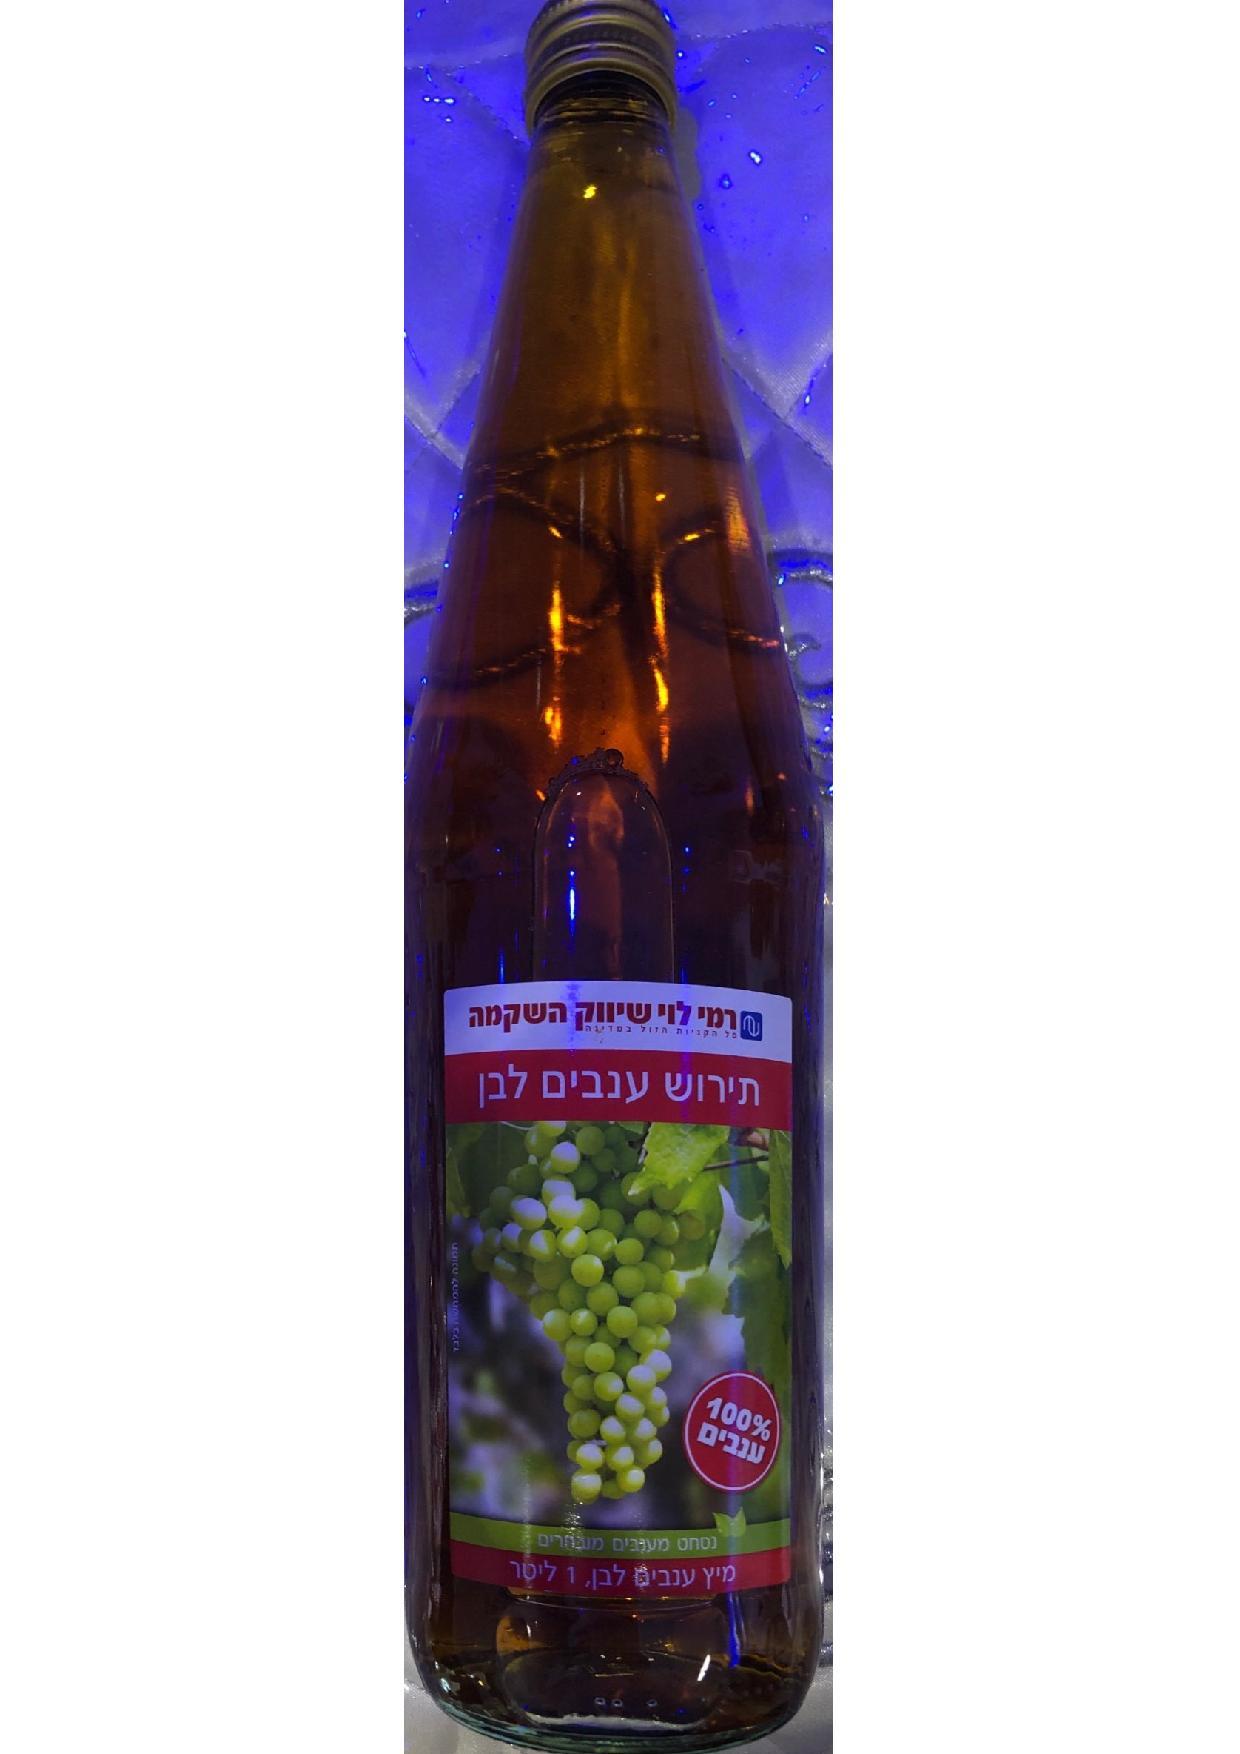 מיץ ענבים תירוש לדוגמא